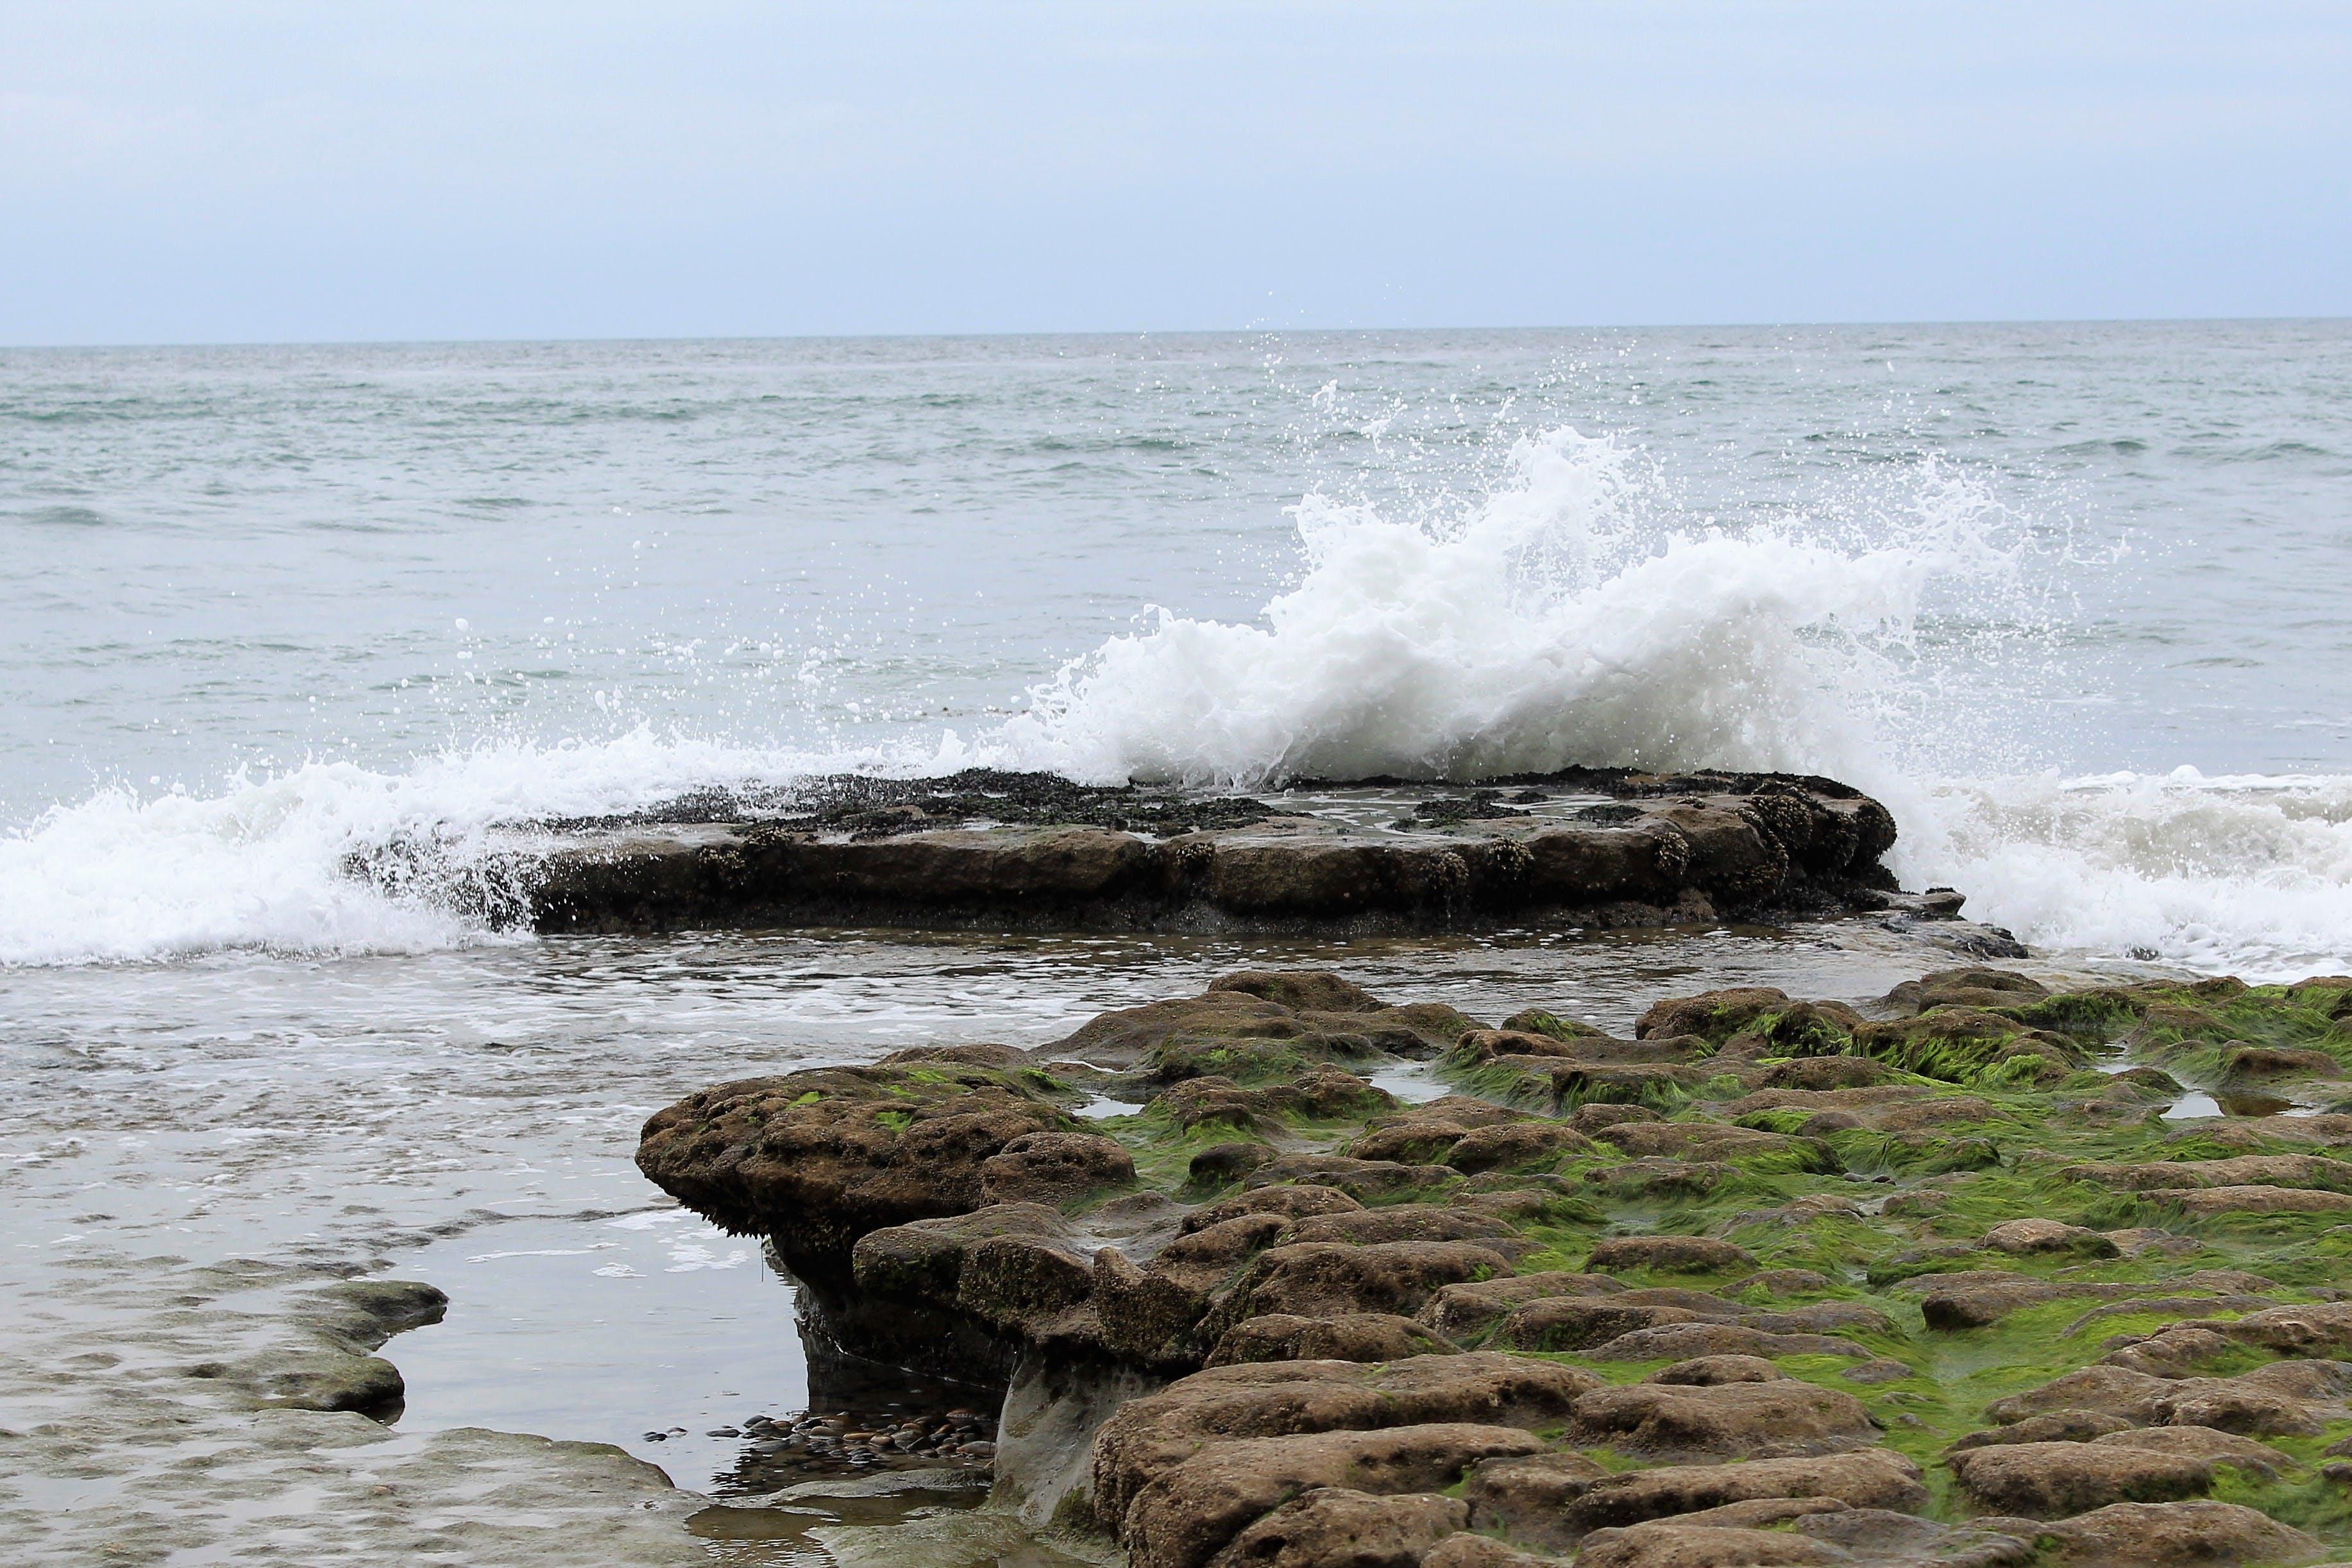 Kostenloses Stock Foto zu strand, surfen, welle, wellenbrechen